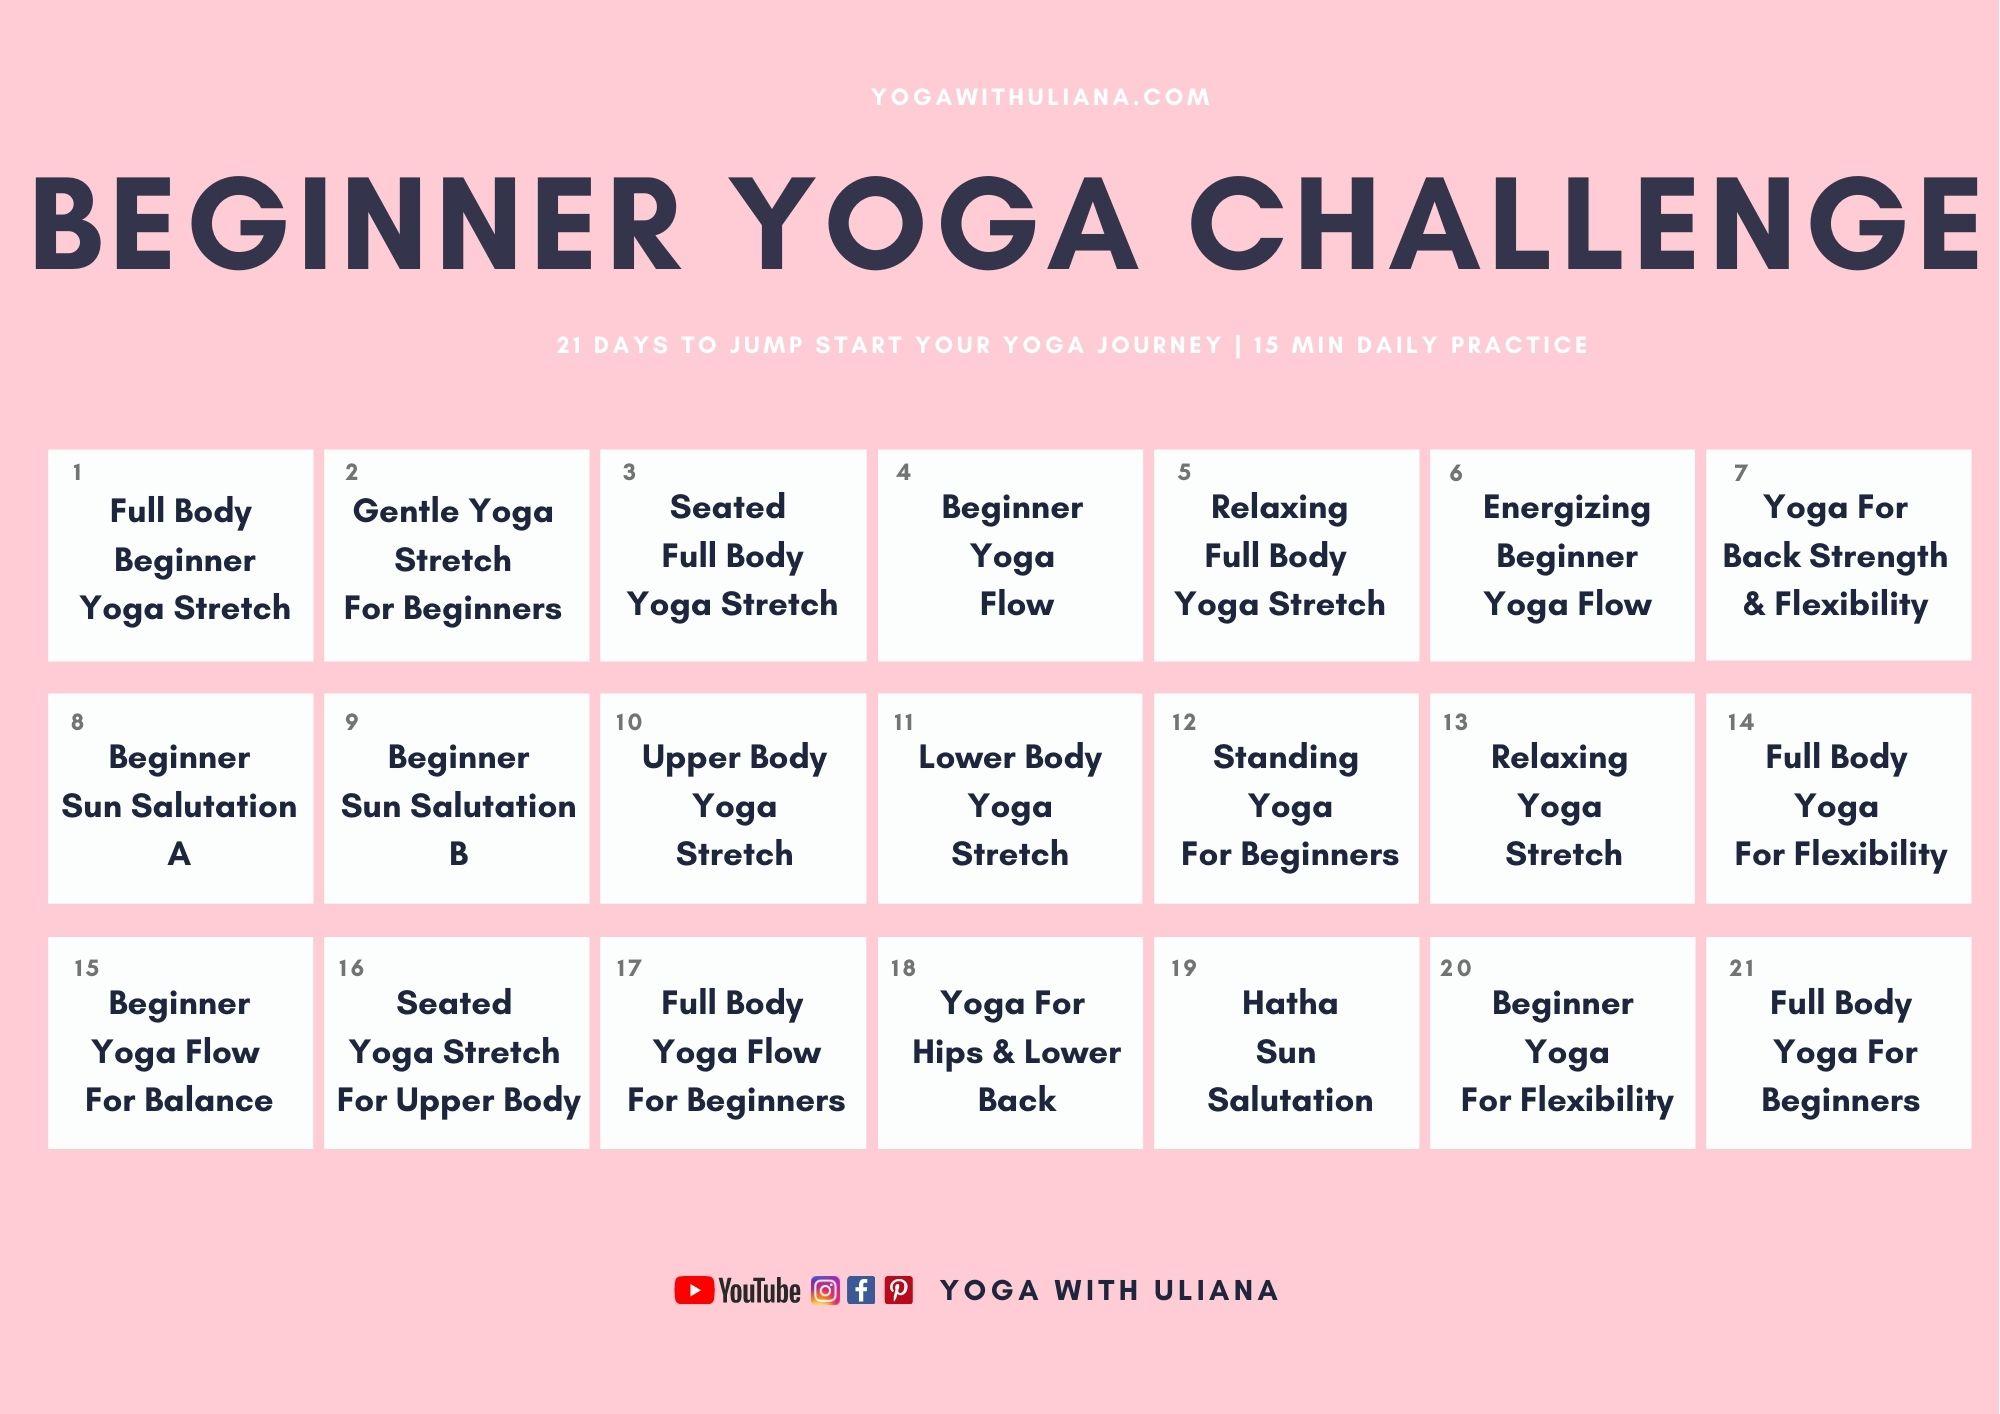 21 Day Beginner Yoga Challenge Calendar Yoga with Uliana